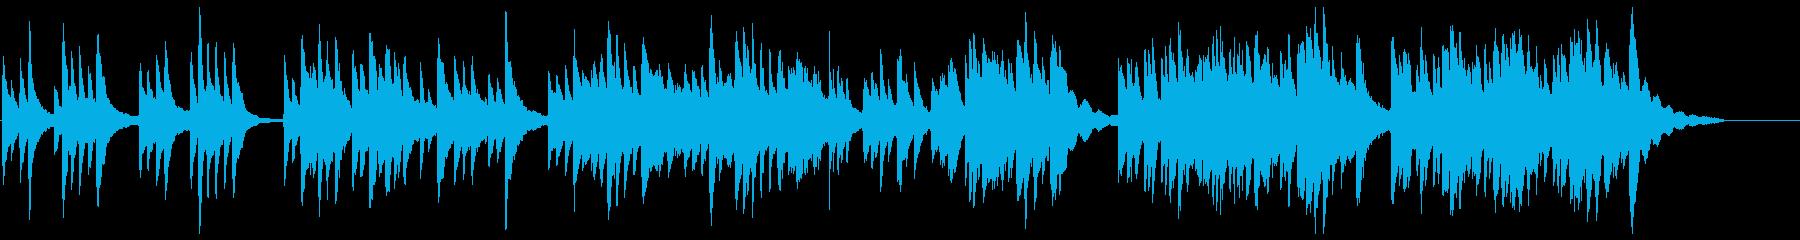 Wakatake-1の再生済みの波形